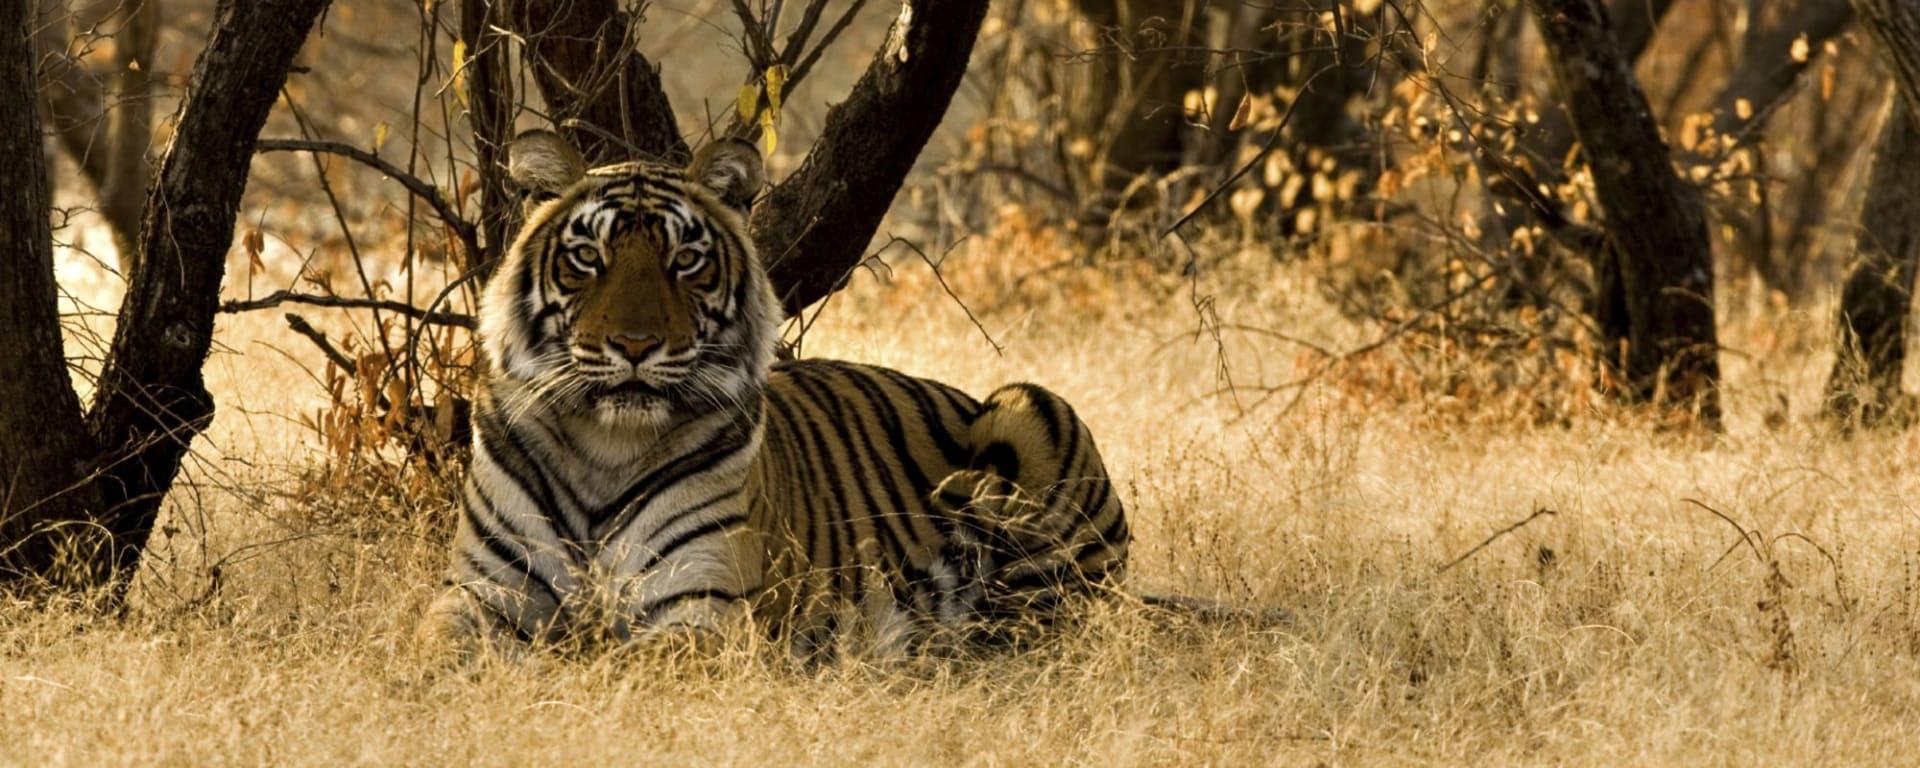 Tout savoir sur les voyages et les vacances en Inde: Tiger at Ranthambore National Park